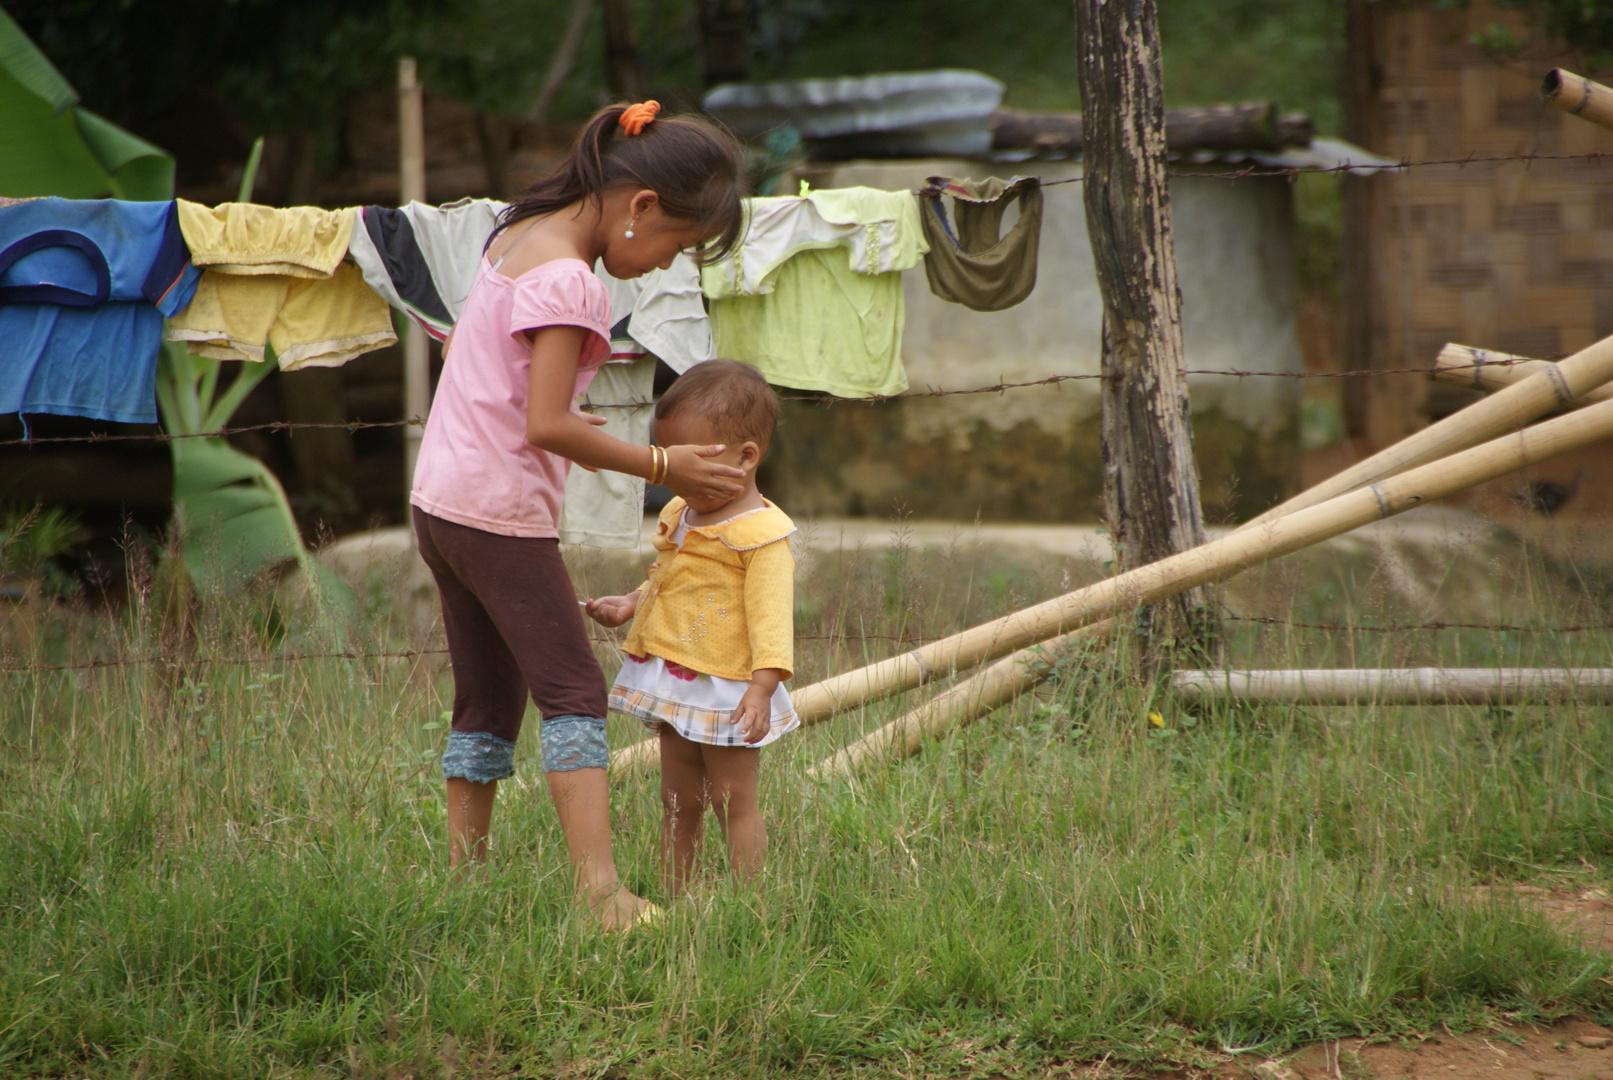 eines meiner lieblingsfotos nahe vang vieng, laos 2010